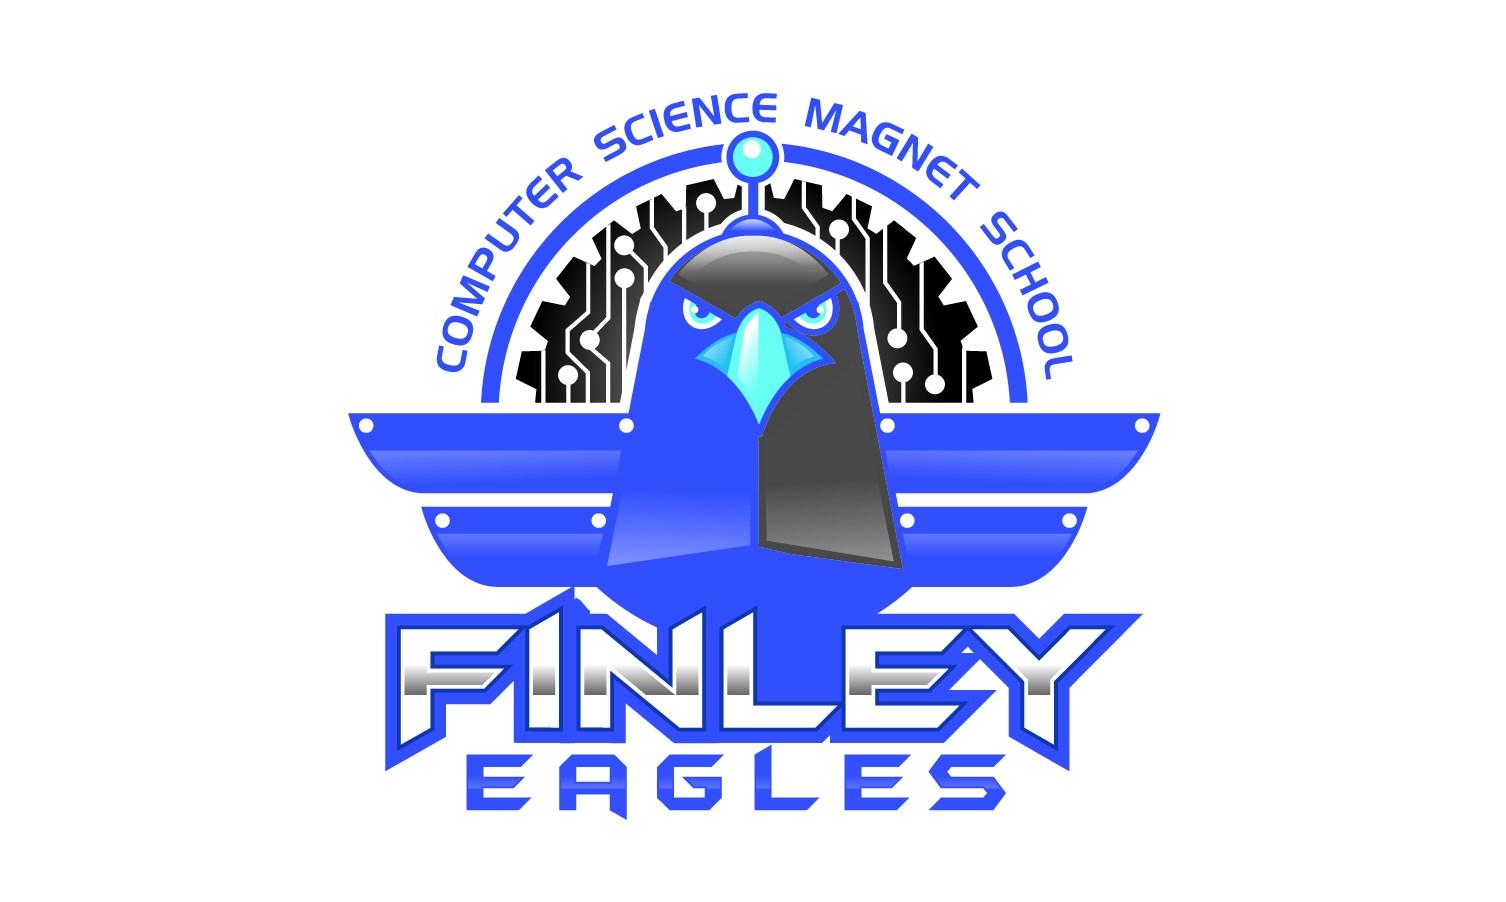 Finley Eagles